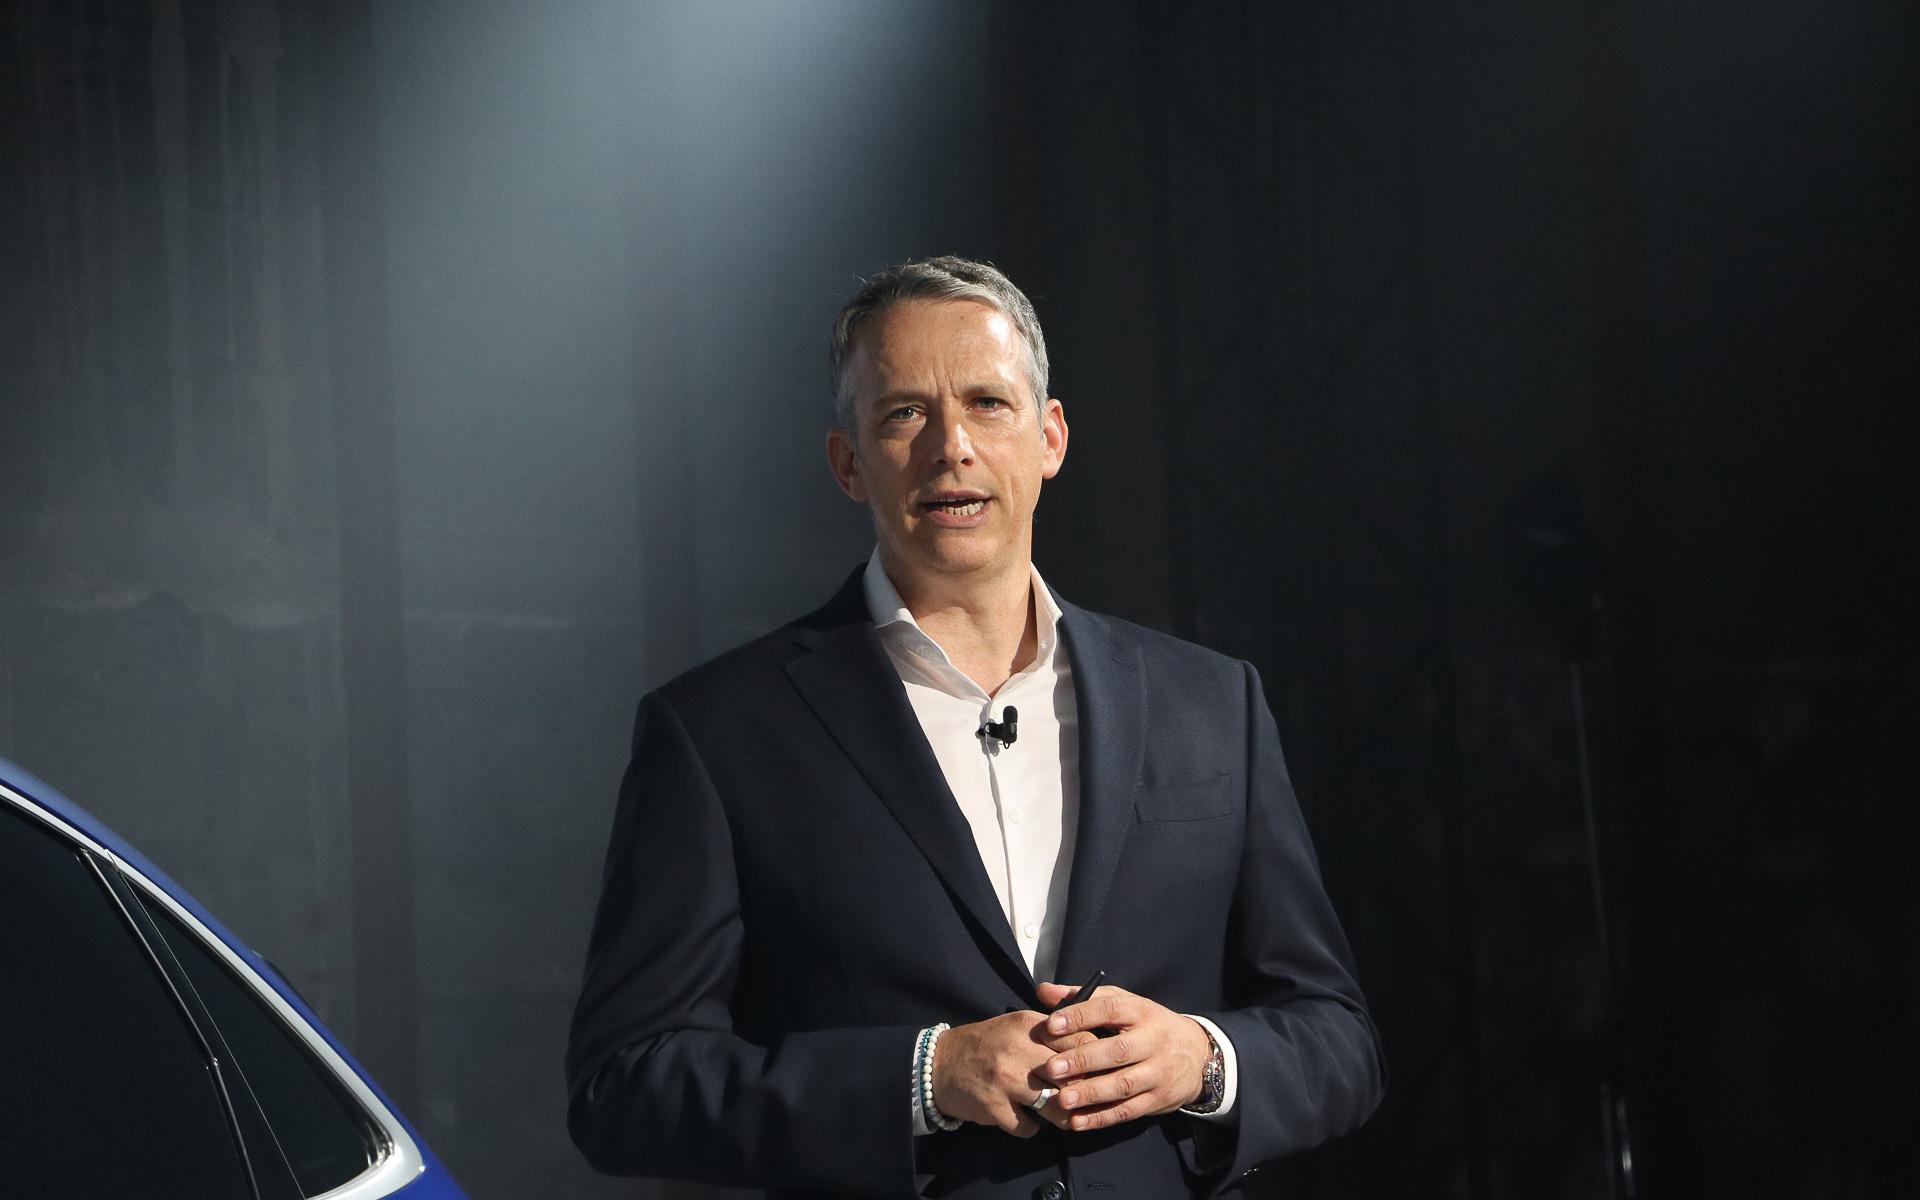 8月1日付けでドイツ本社に帰任し、ドイツ市場の責任者に就任することが発表されているノアック社長